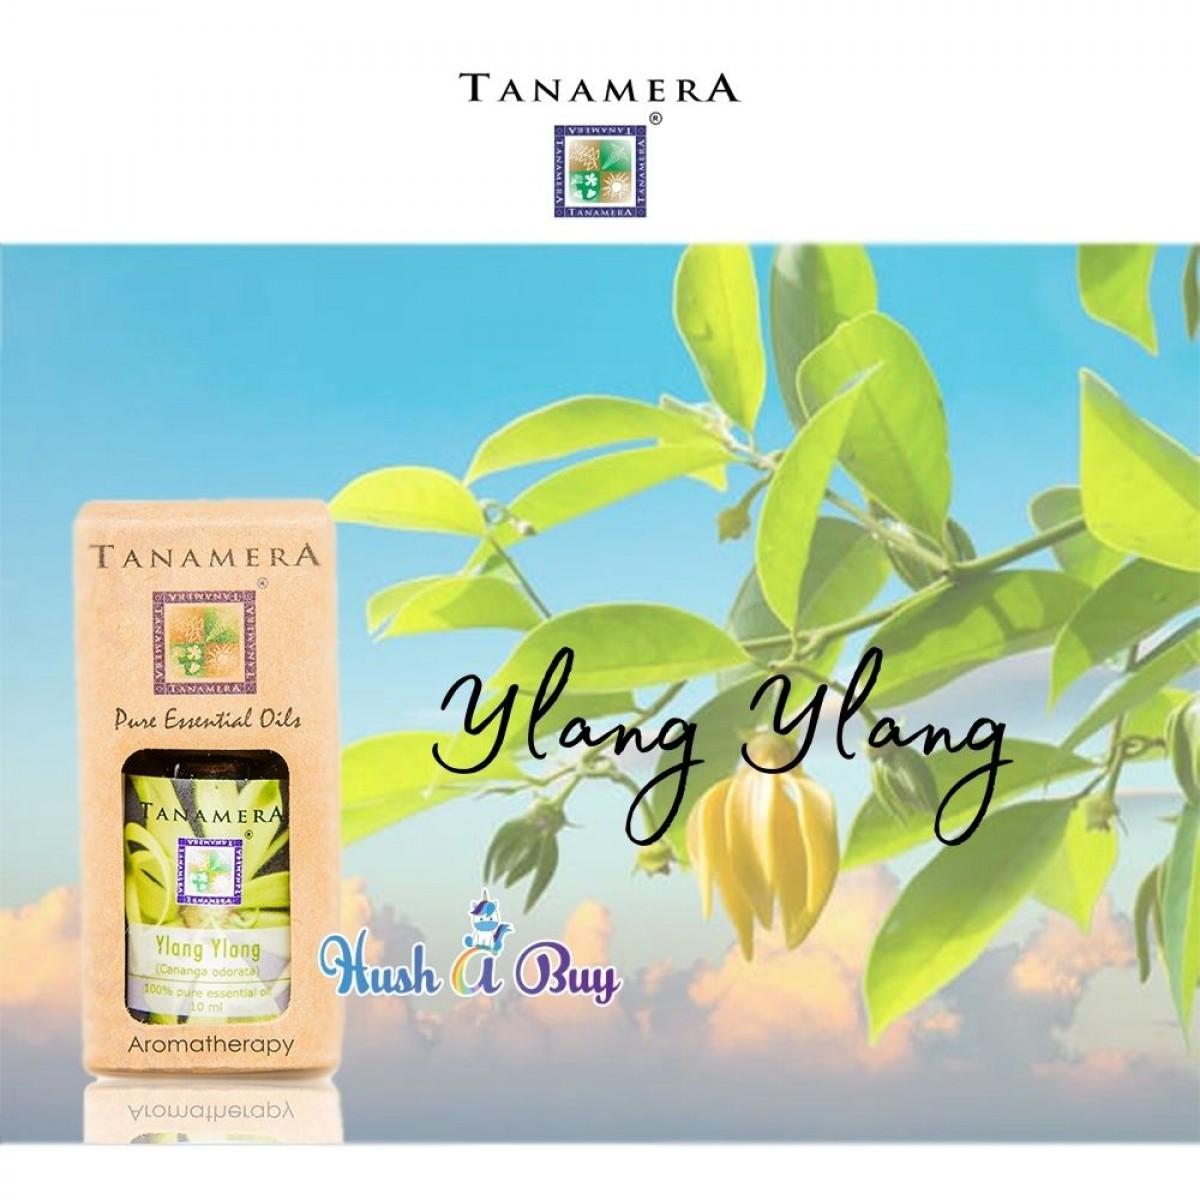 Tanamera Pure Essential Oil 10ml - Ylang Ylang